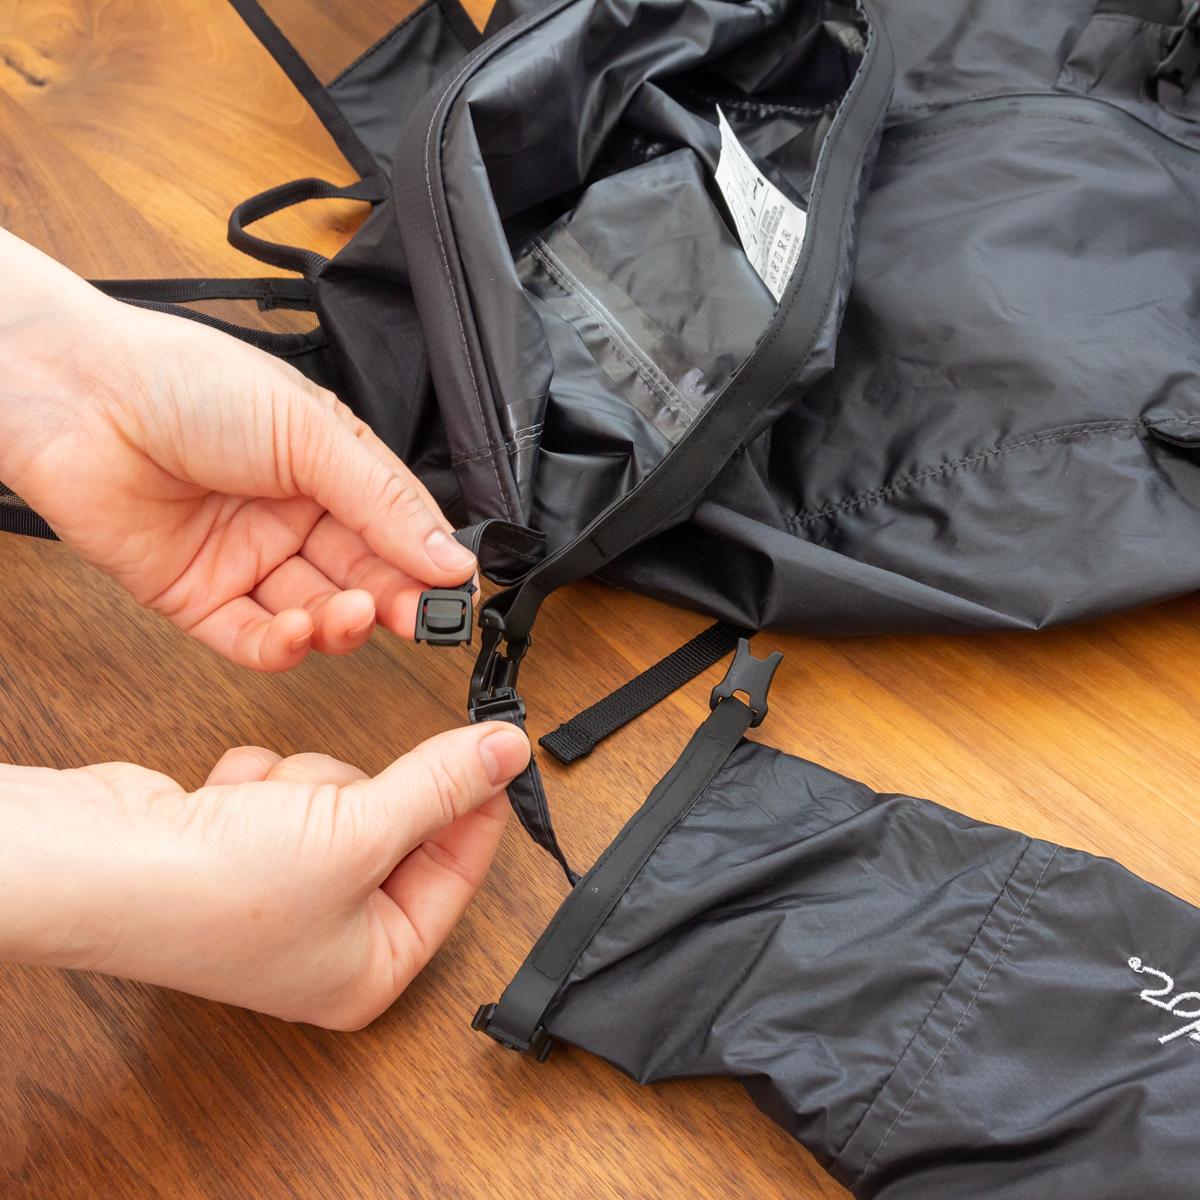 ロールトップ式の収納袋は、バッグ内部に簡単に取り付けることもできます。だから、バッグ使用時になくす心配もありません。バックパック|Matador Freerain24 2.0